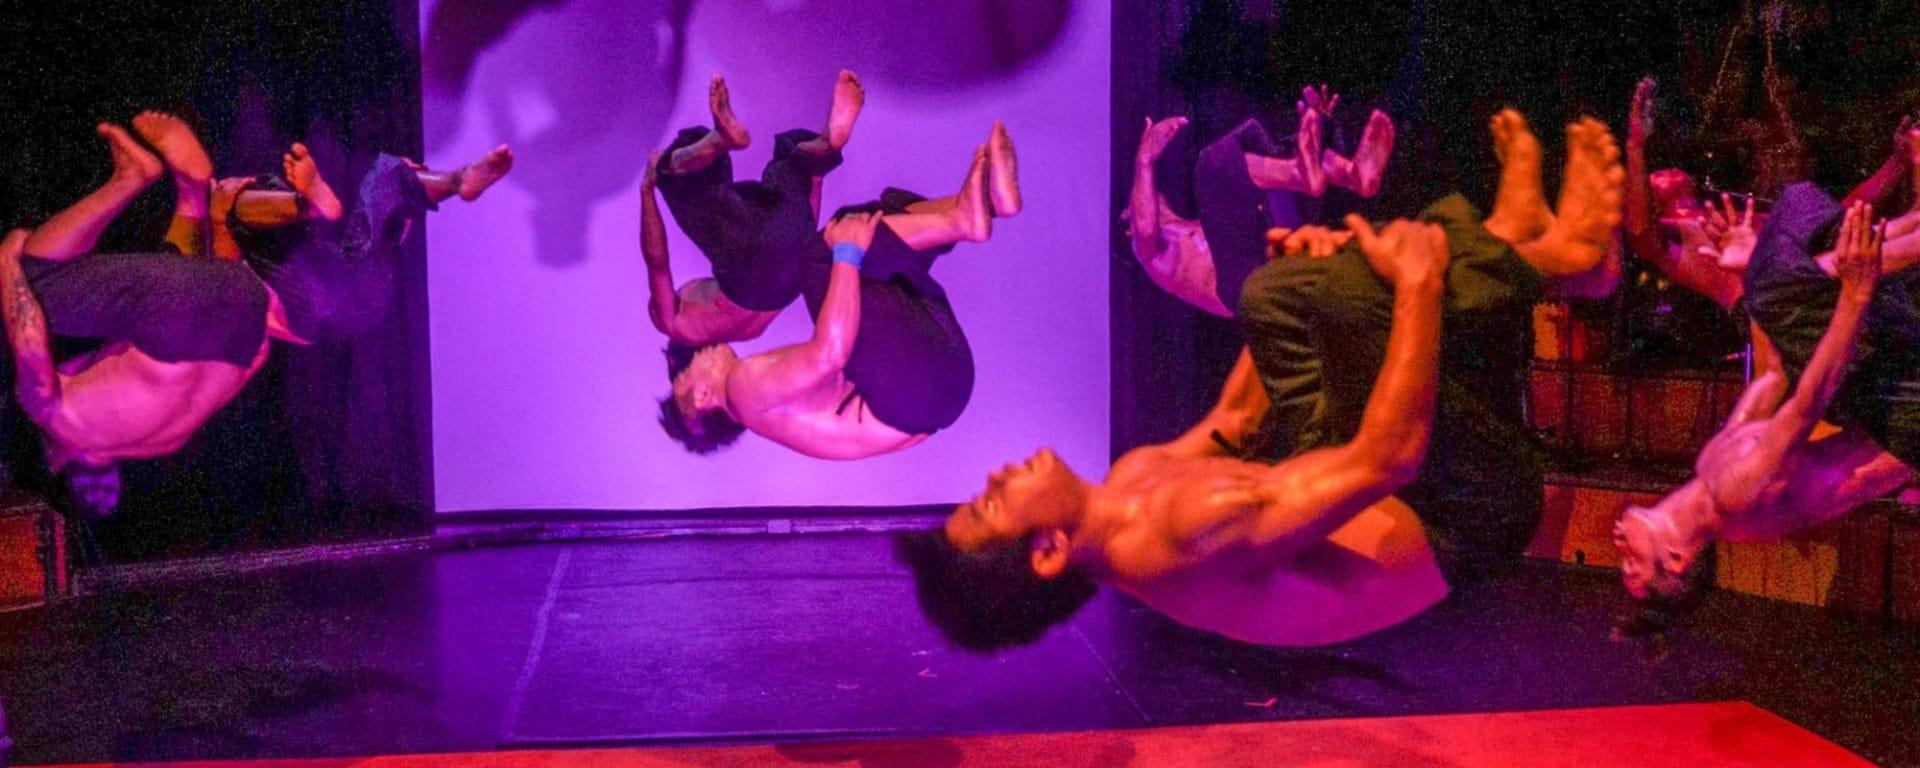 Phare Zirkus in Siem Reap: Cambodia Phare Circus